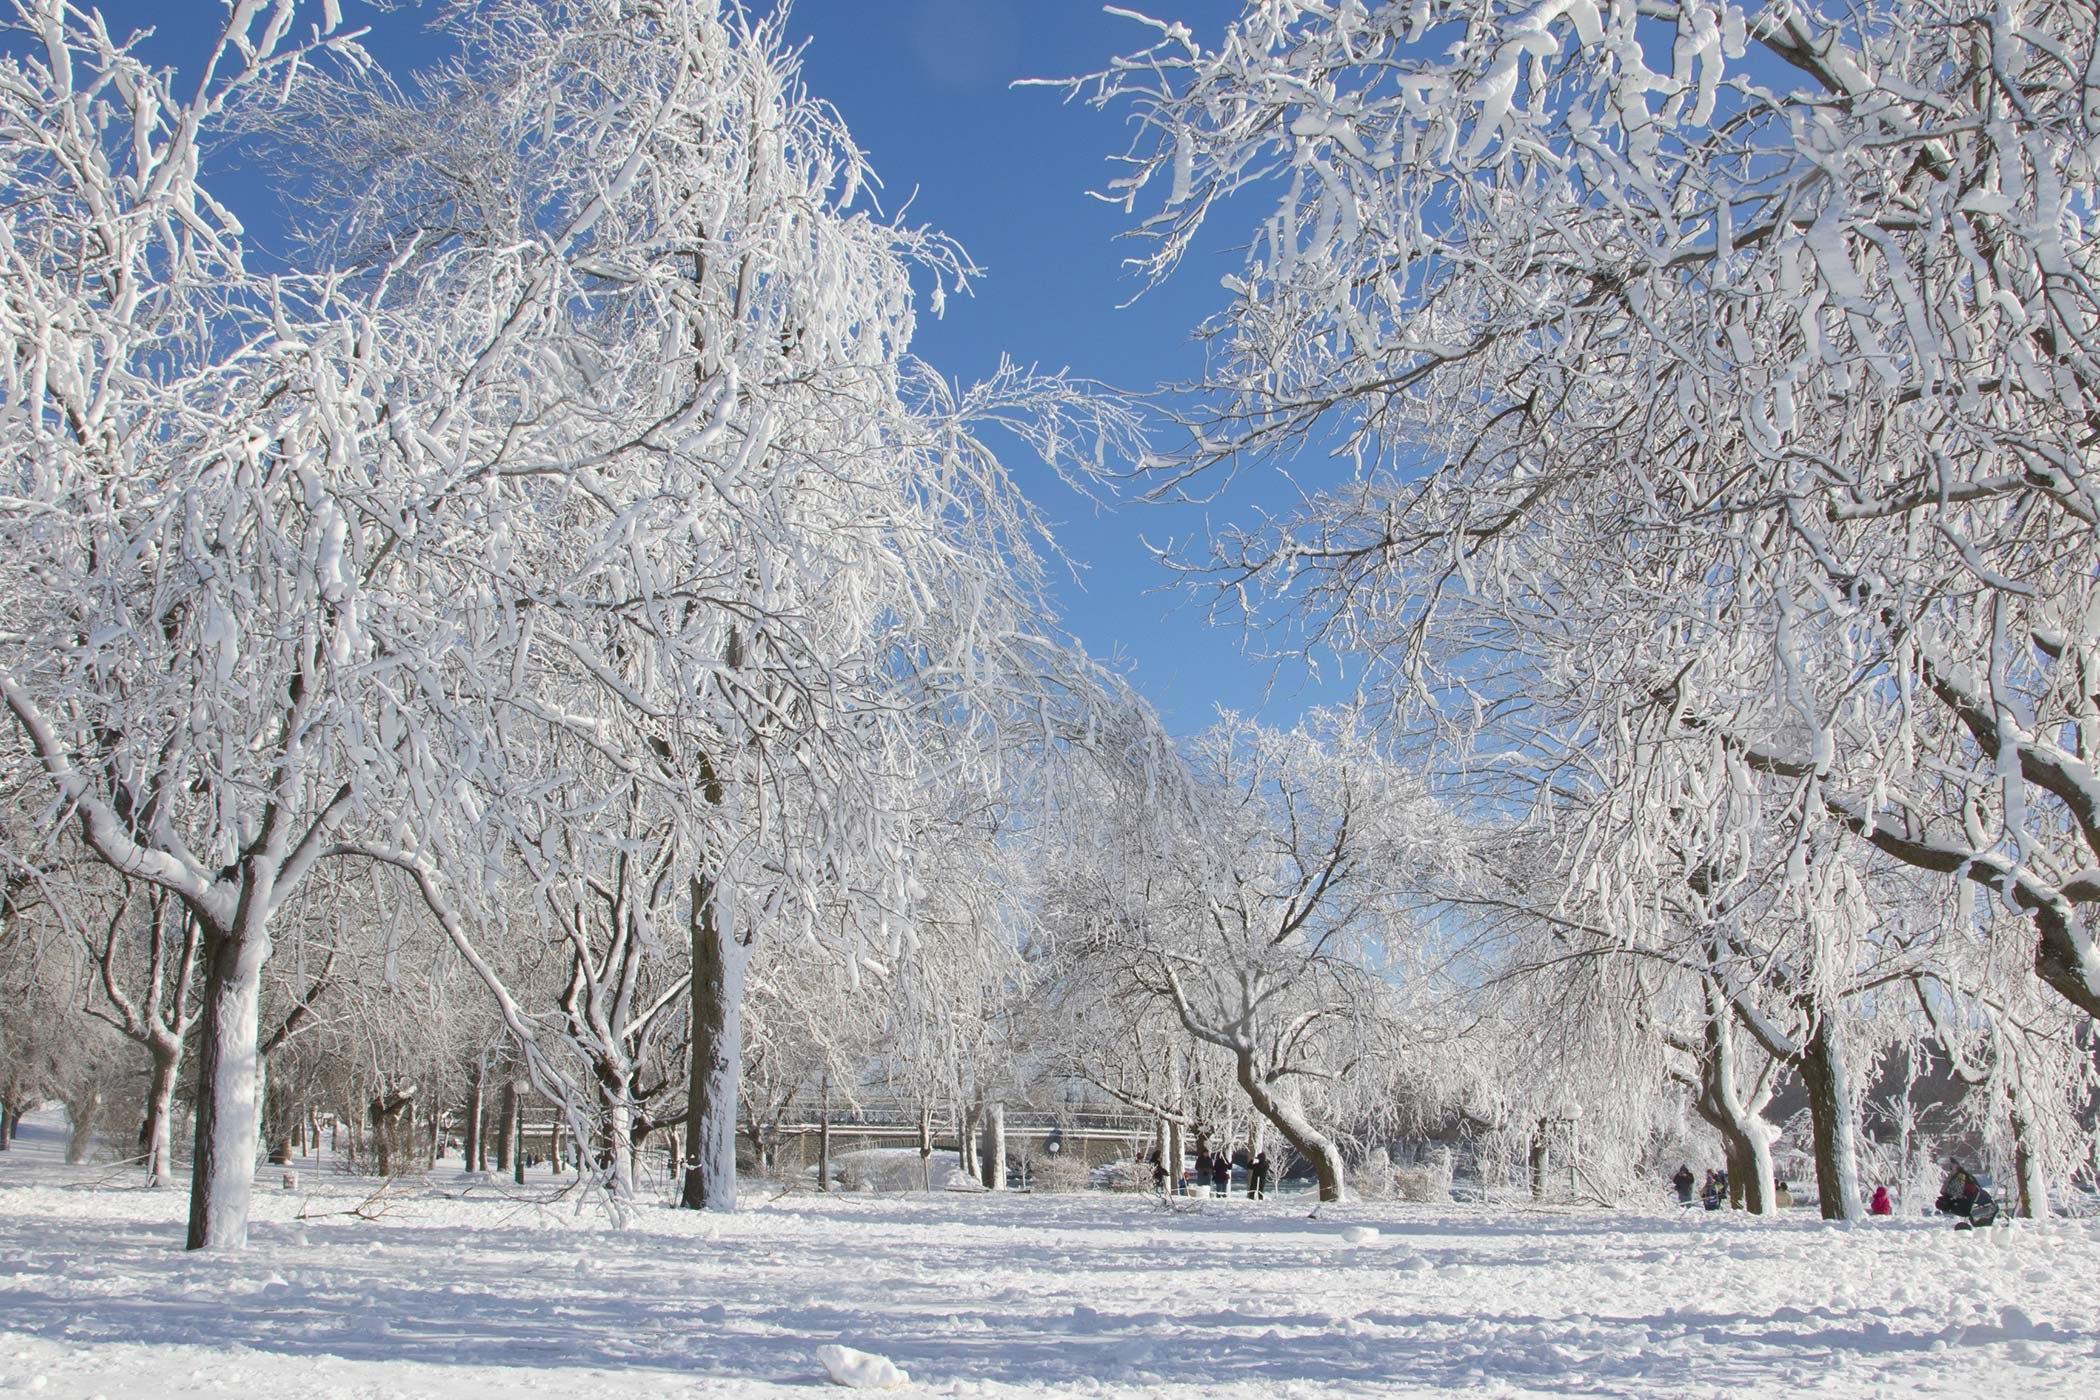 Short Essay on Winter Season (587 Words)